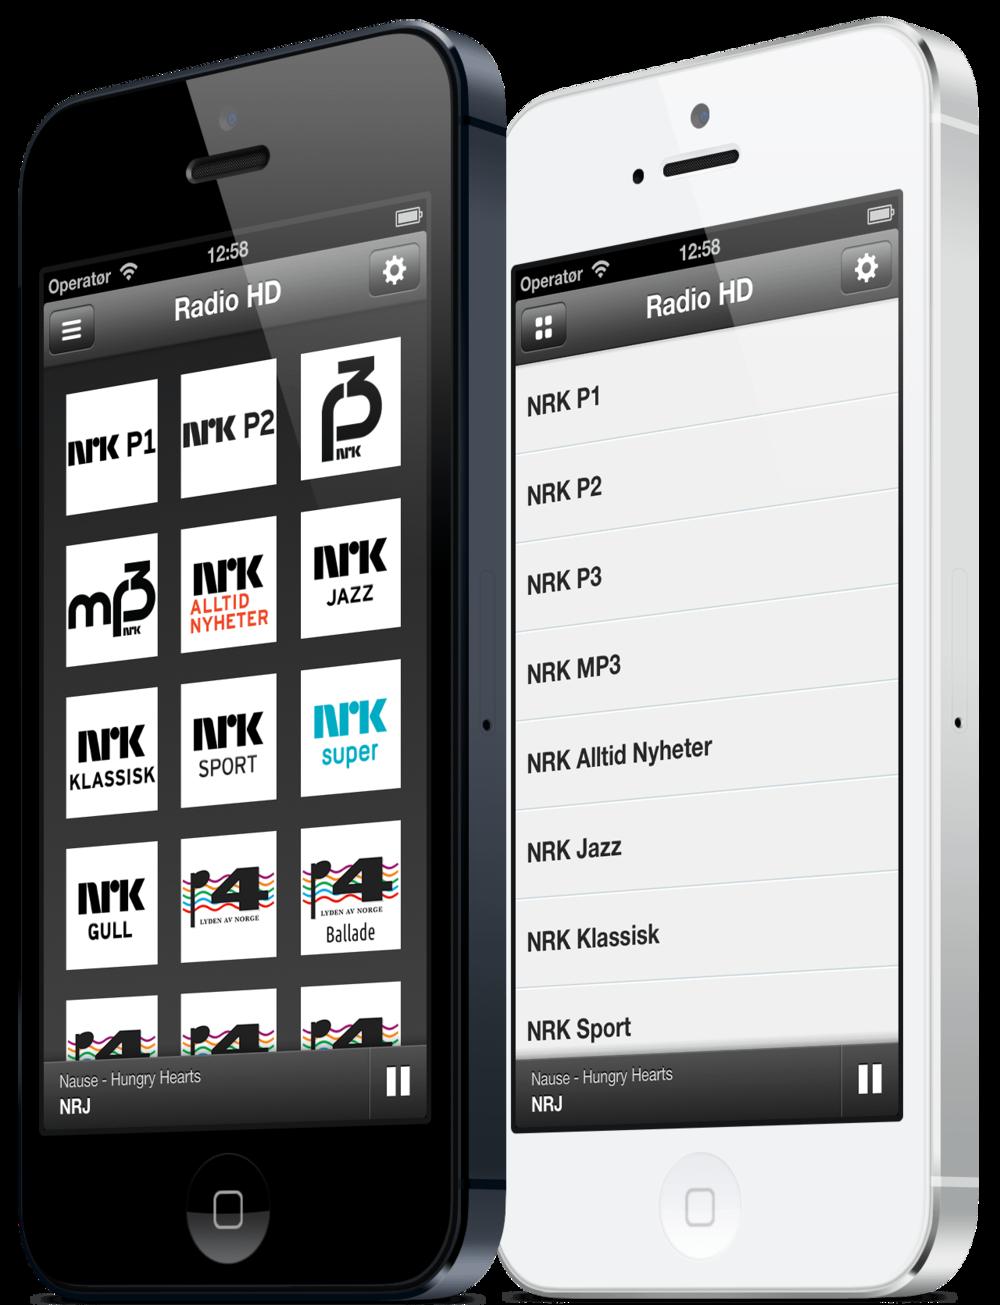 Radio HD til iPhone kan vises både i rutenett og på listeform.